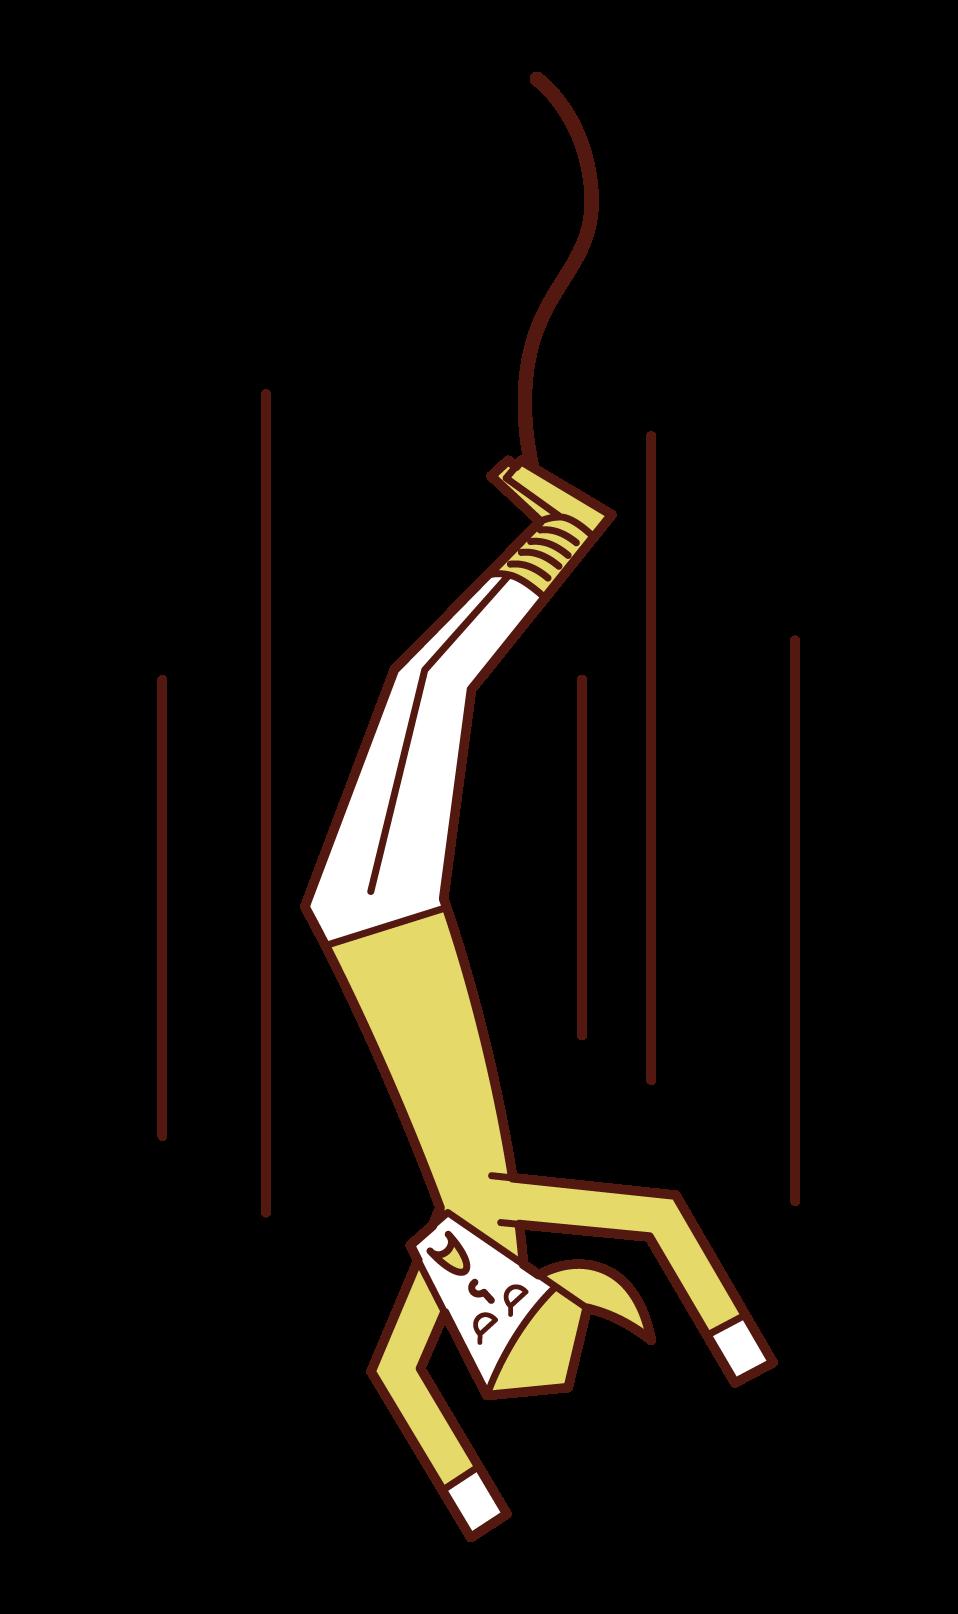 バンジージャンプをする人(女性)のイラスト